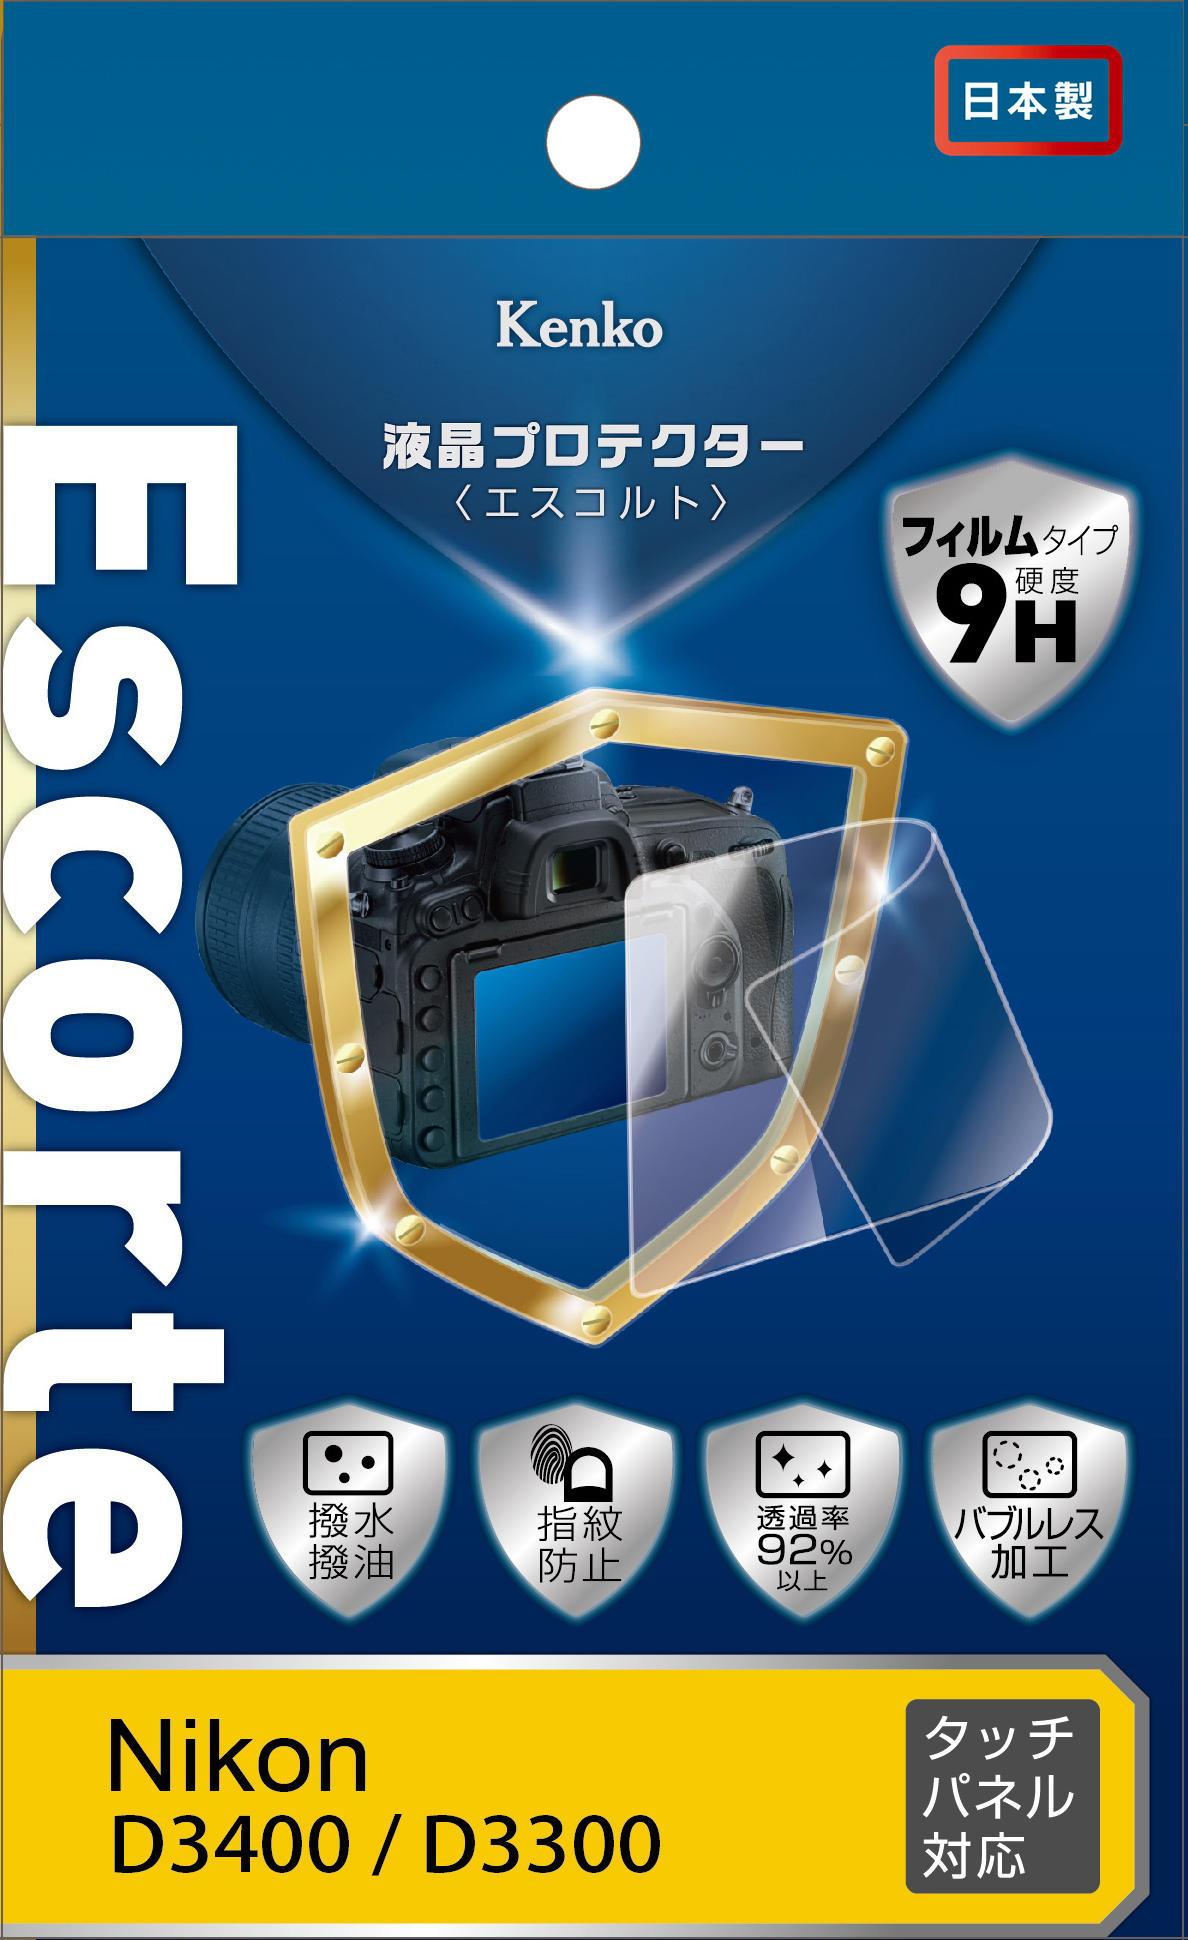 http://www.kenko-tokina.co.jp/imaging/eq/mt-images/4961607581704.jpg